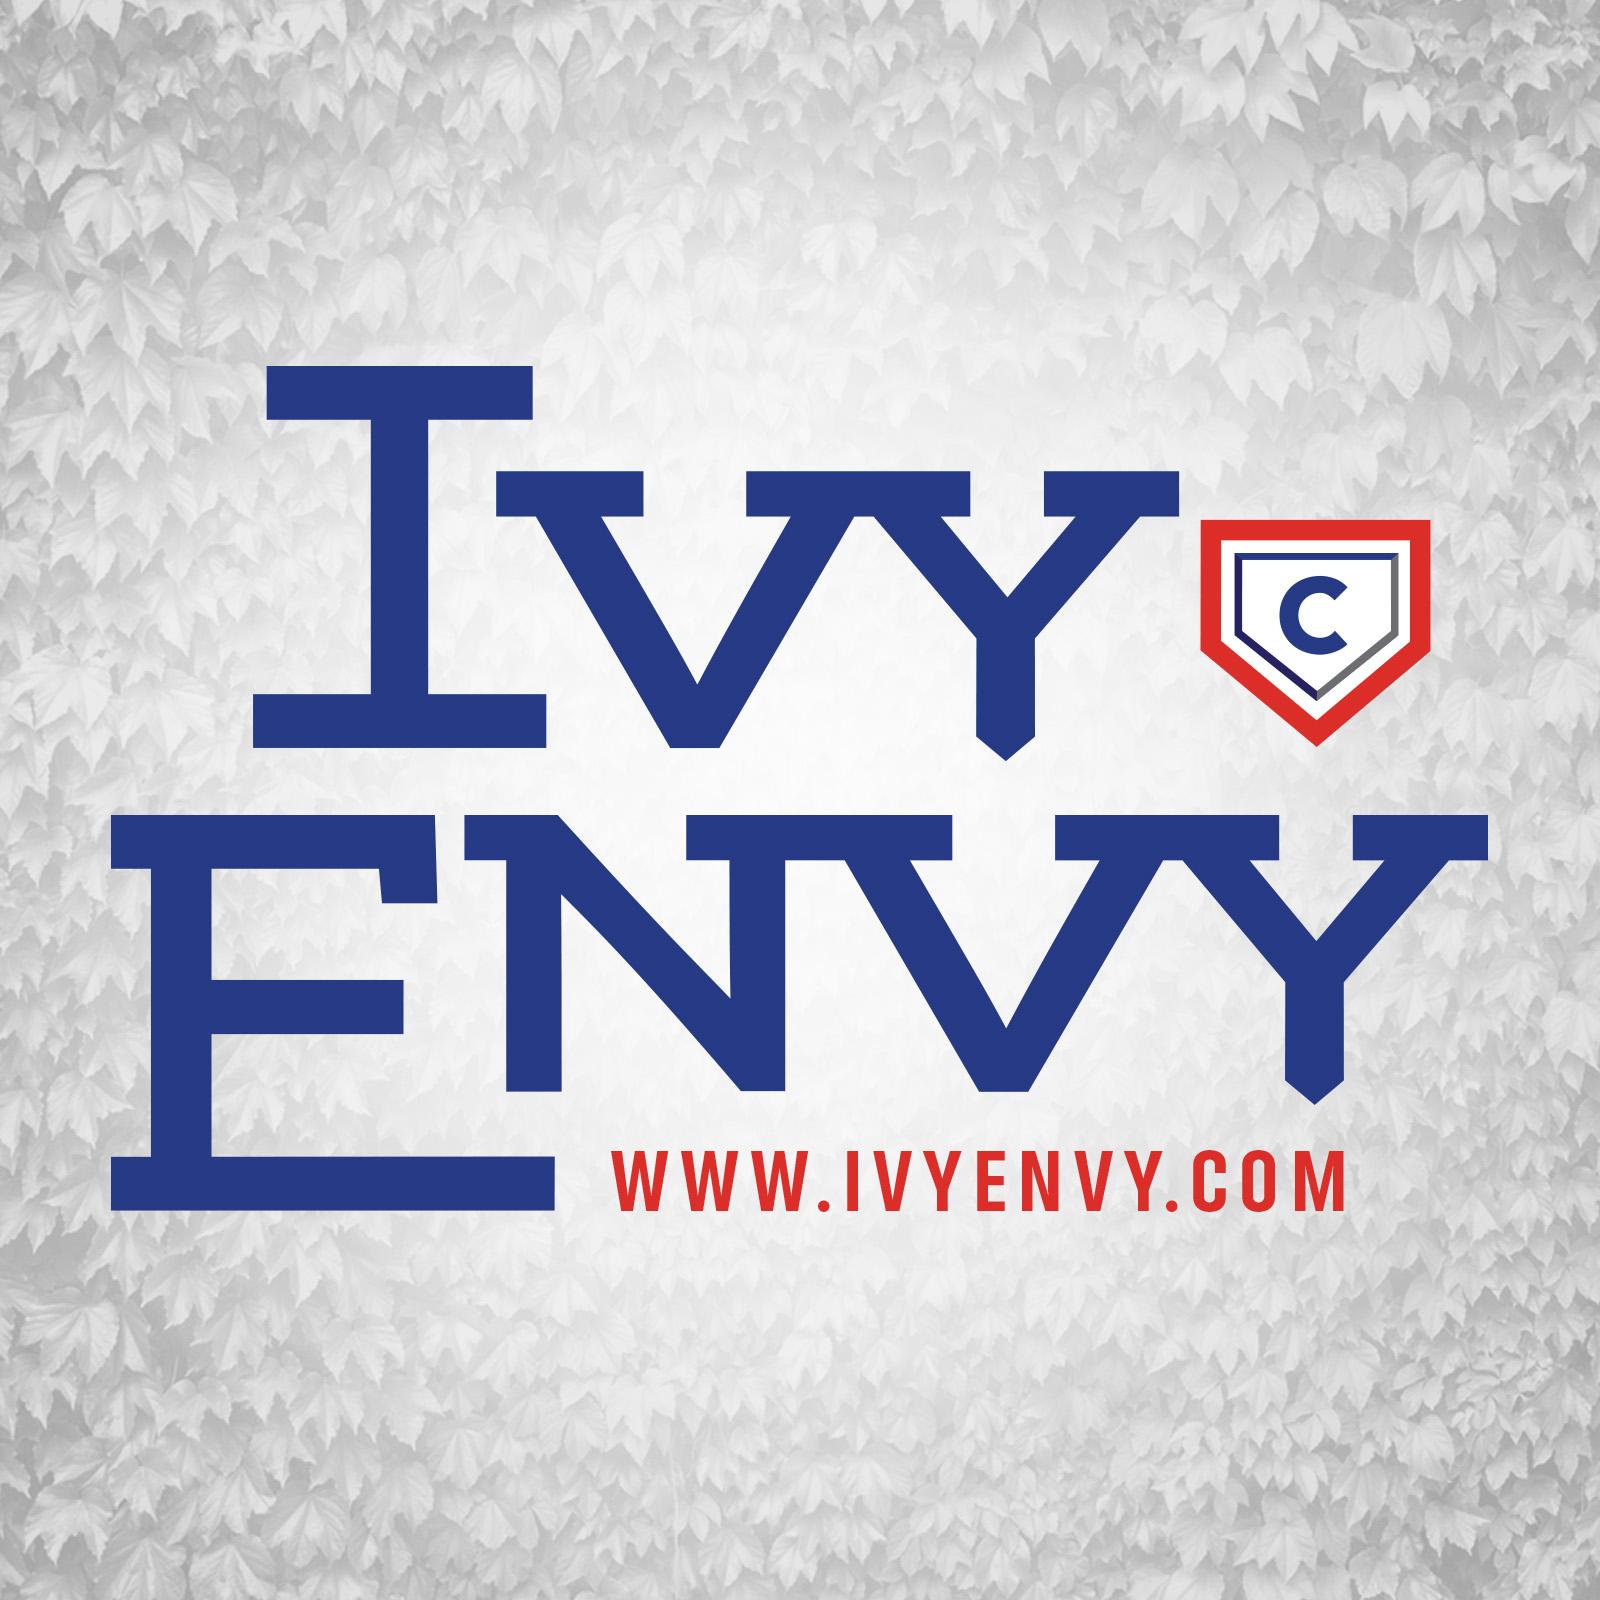 Ivy Envy